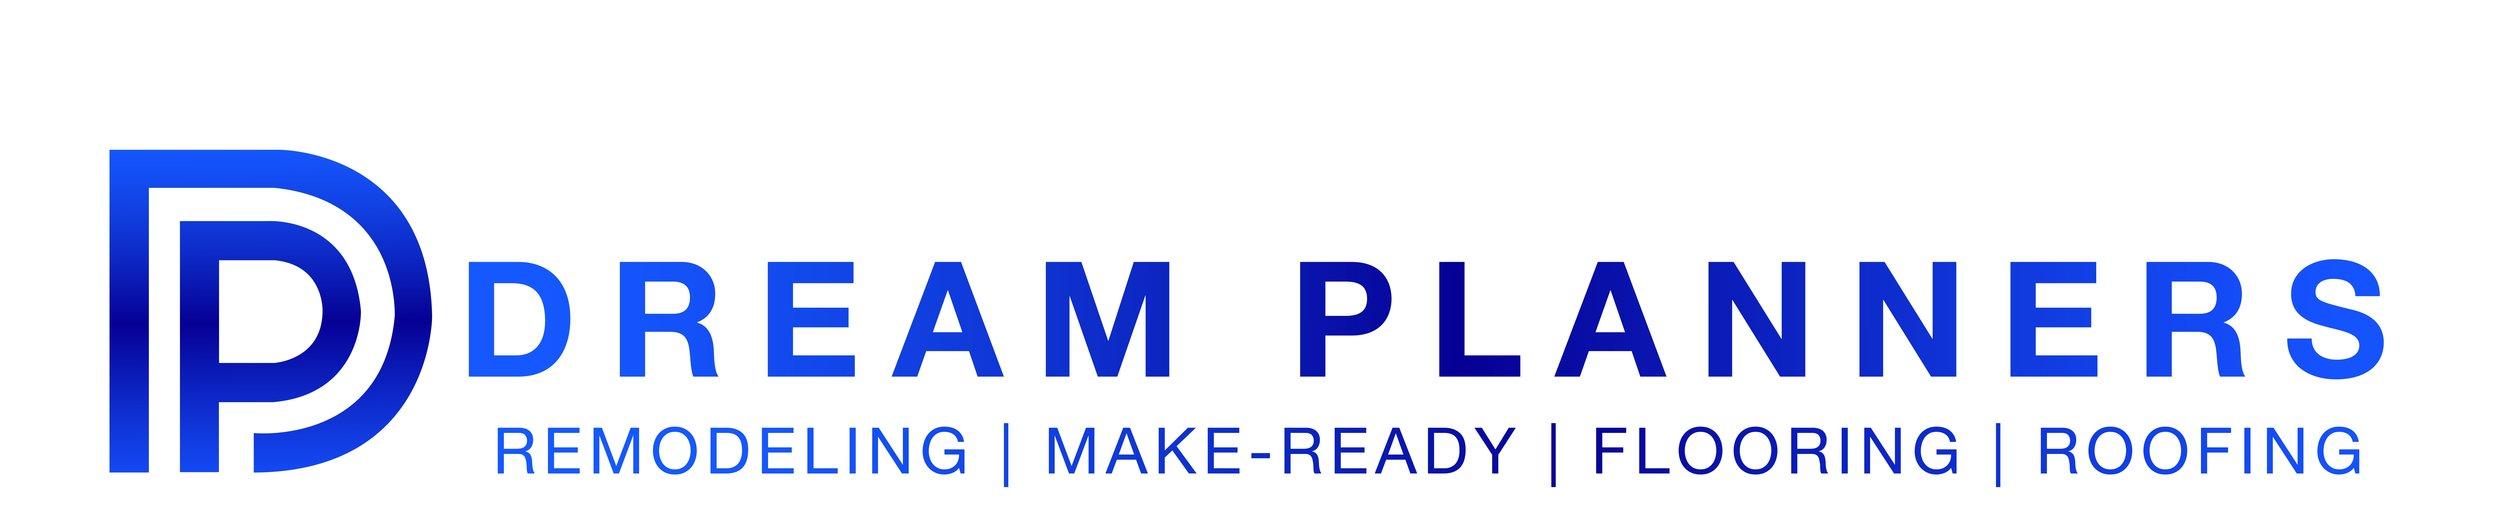 dream planners (1).jpg